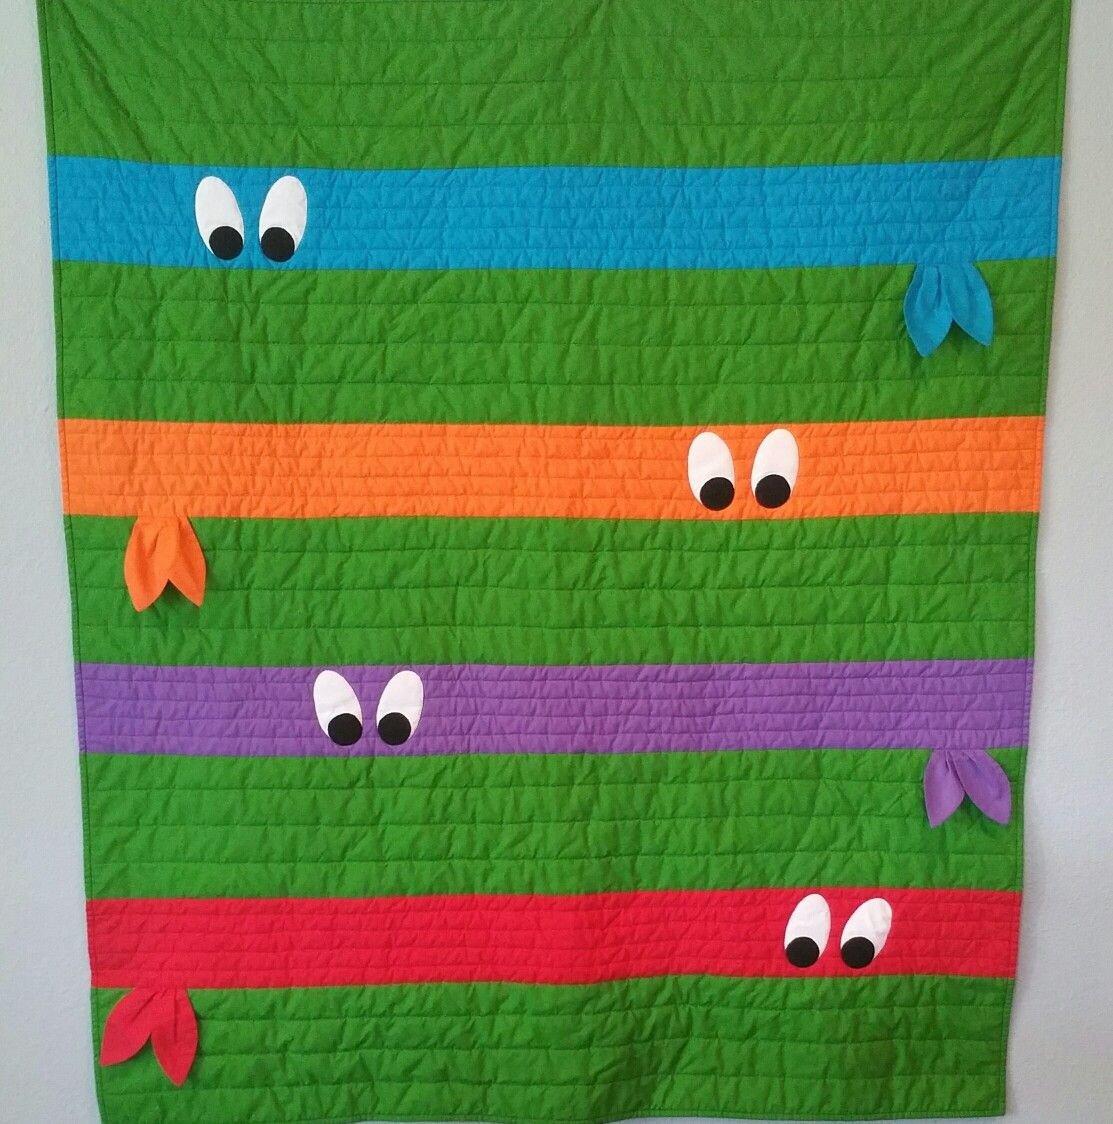 Ninja Turtles Bedroom Ideas Inspirational Ninja Turtle Quilt …